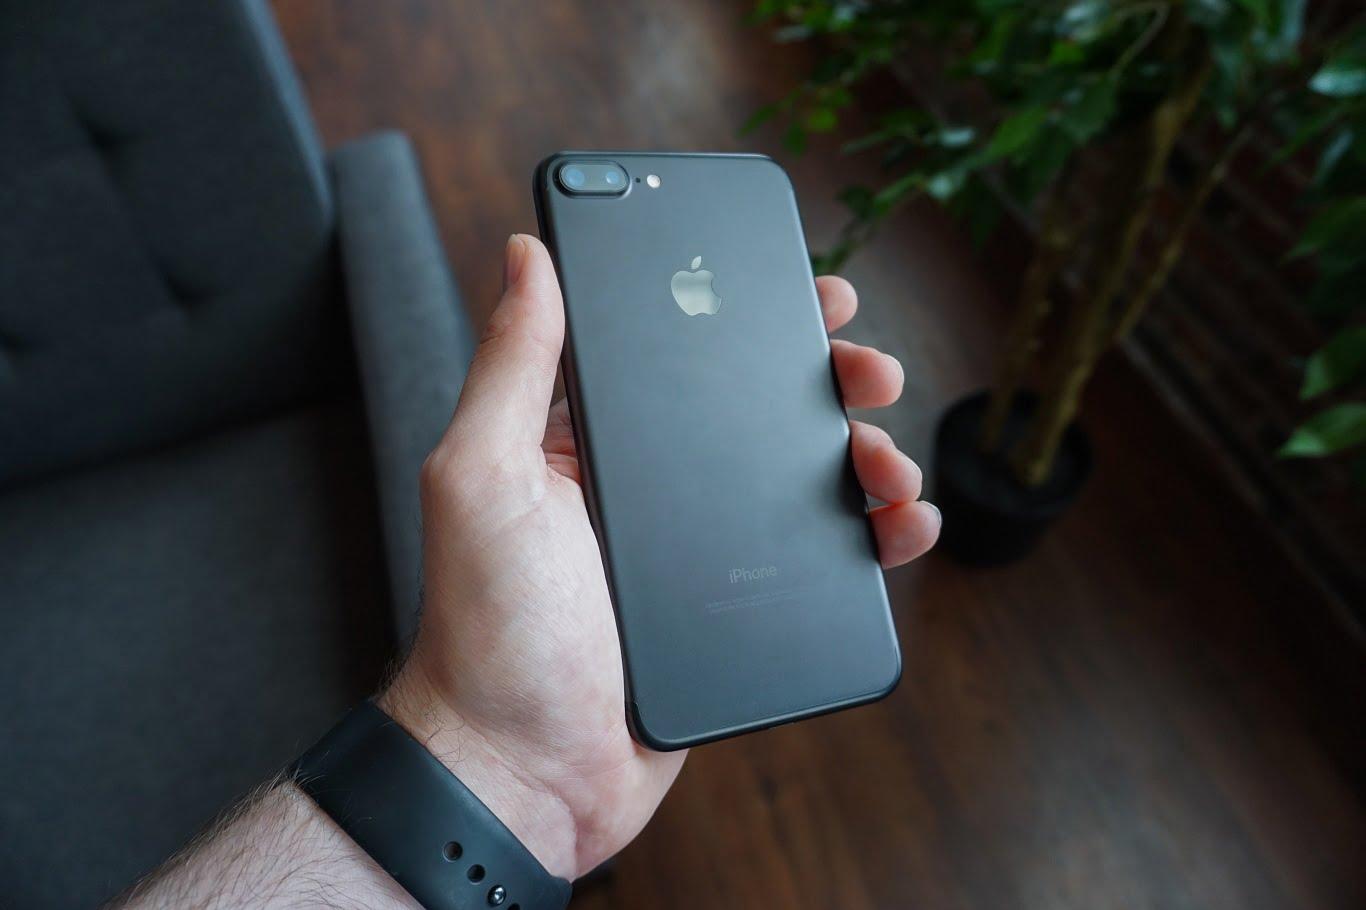 iPhone sessize alma tuşu kendi kendine basıyor